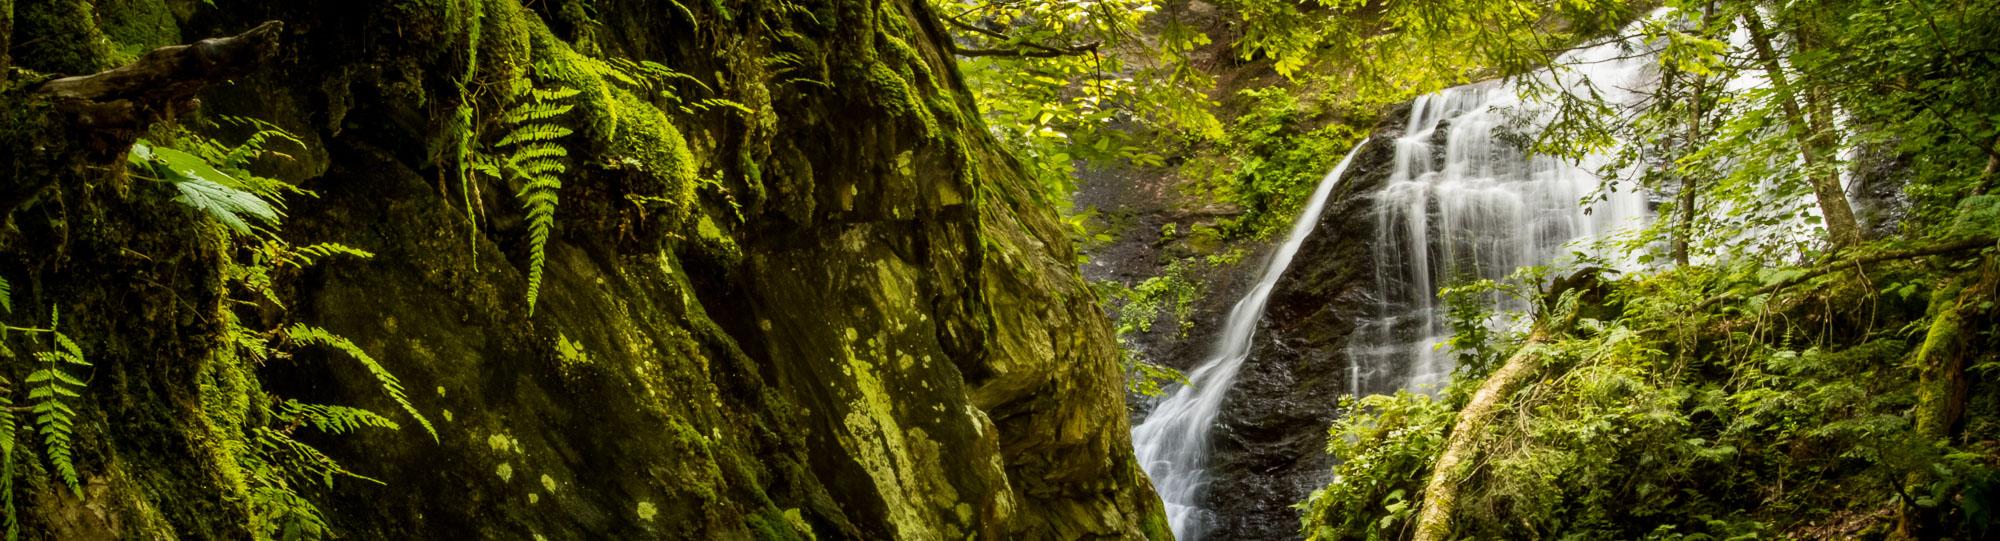 Moss Glenn Falls in the Vermont woods